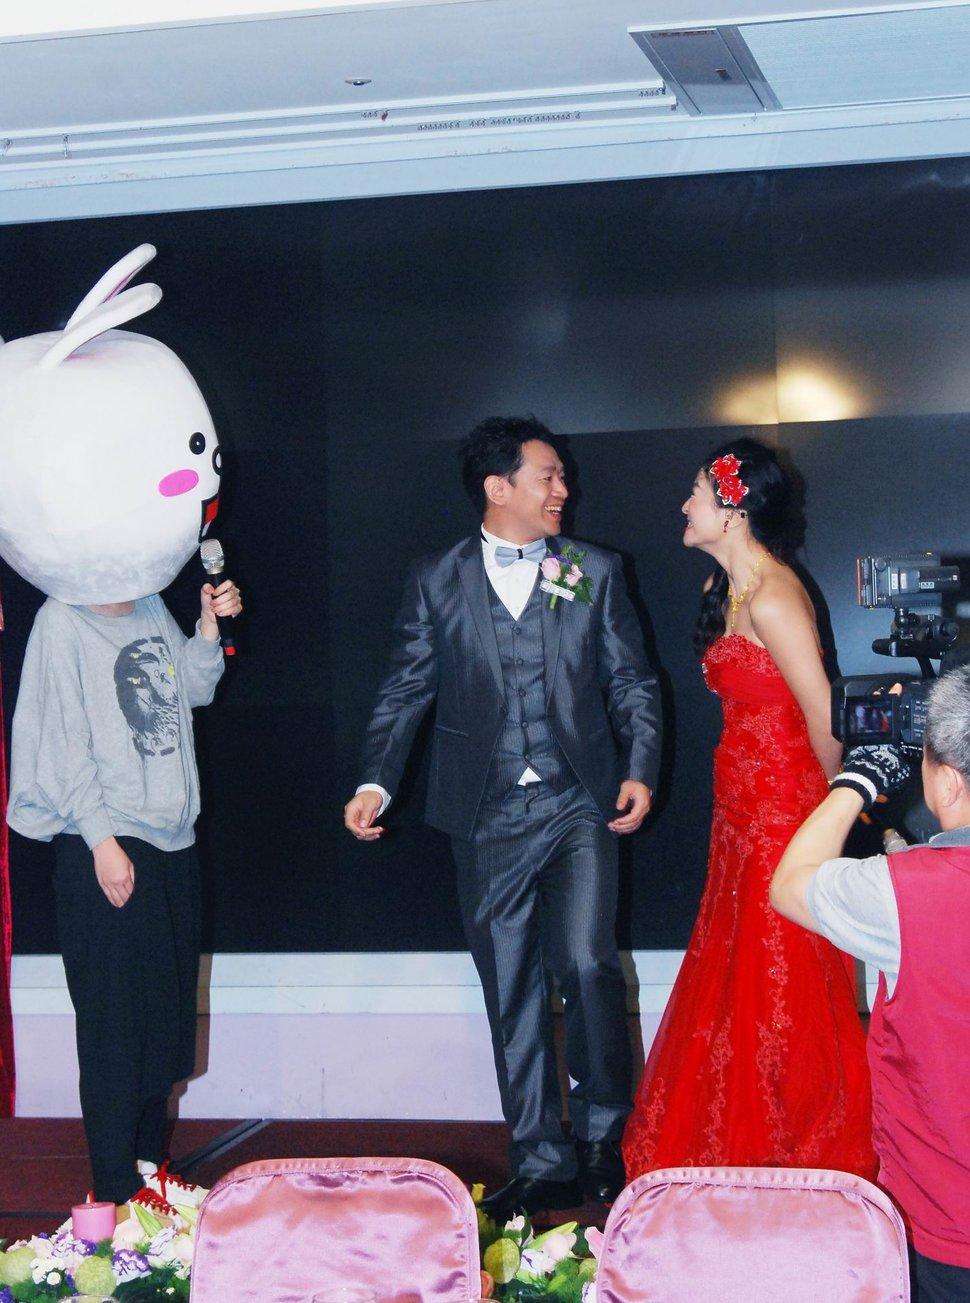 汐止那米哥餐廳婚宴會館餐廳婚攝j婚錄結婚迎娶婚禮記錄動態微電影錄影專業錄影平面攝影婚禮紀錄婚攝婚錄主持人(編號:280747) - 蜜月拍照10800錄影12800攝影團隊 - 結婚吧